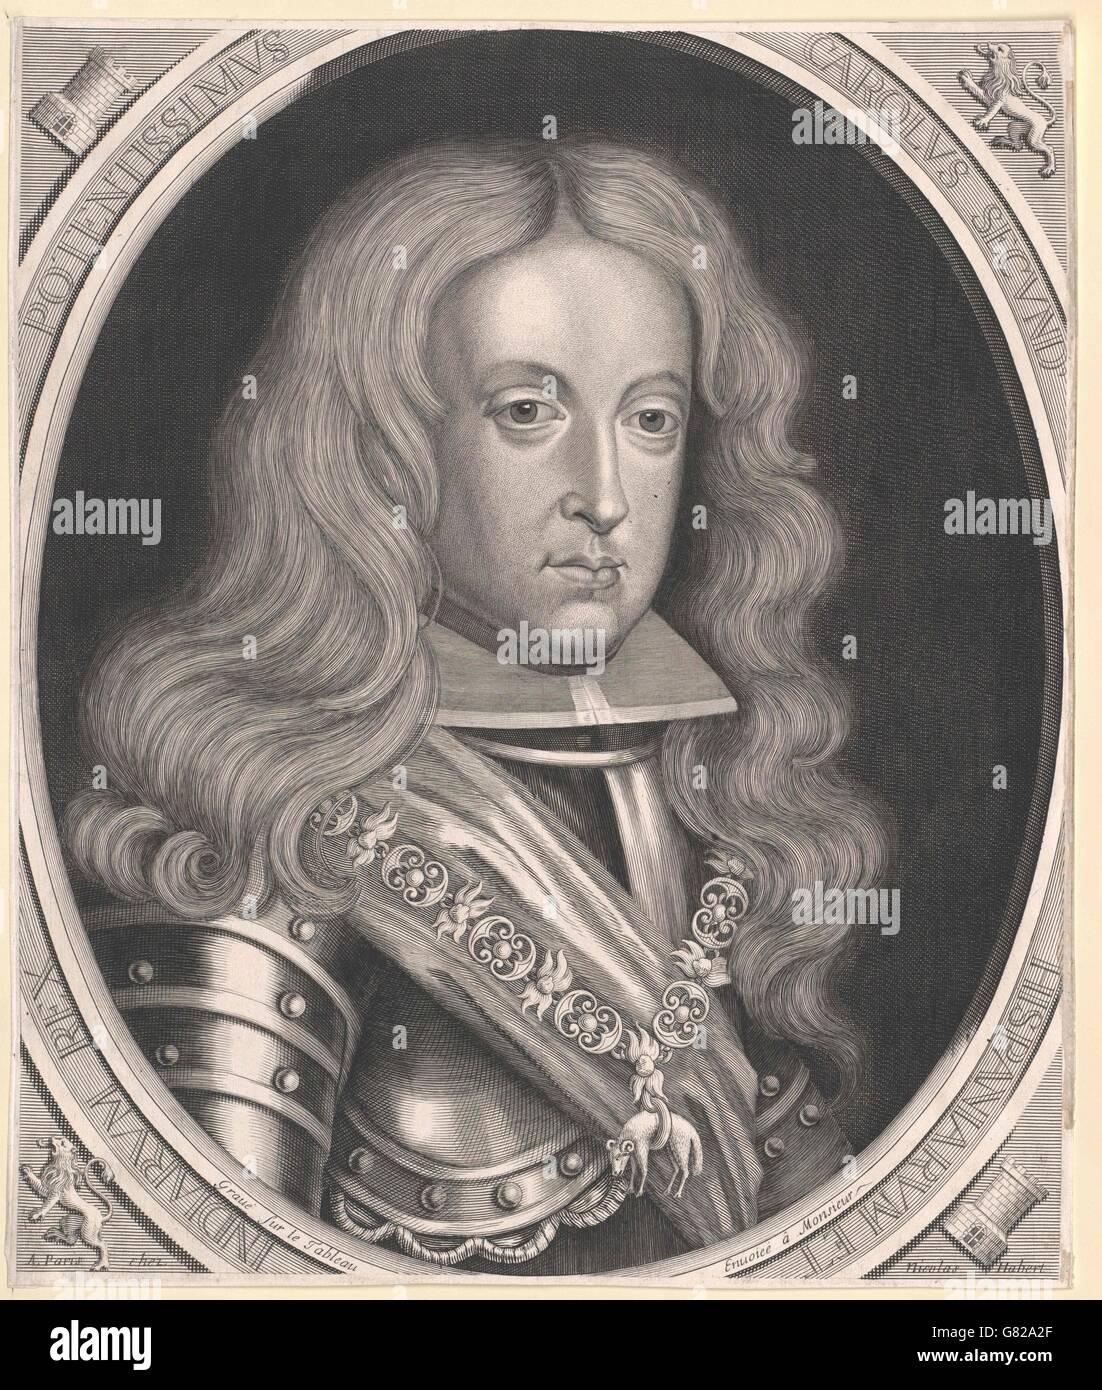 König Karl Ii Stockfotos & König Karl Ii Bilder - Alamy